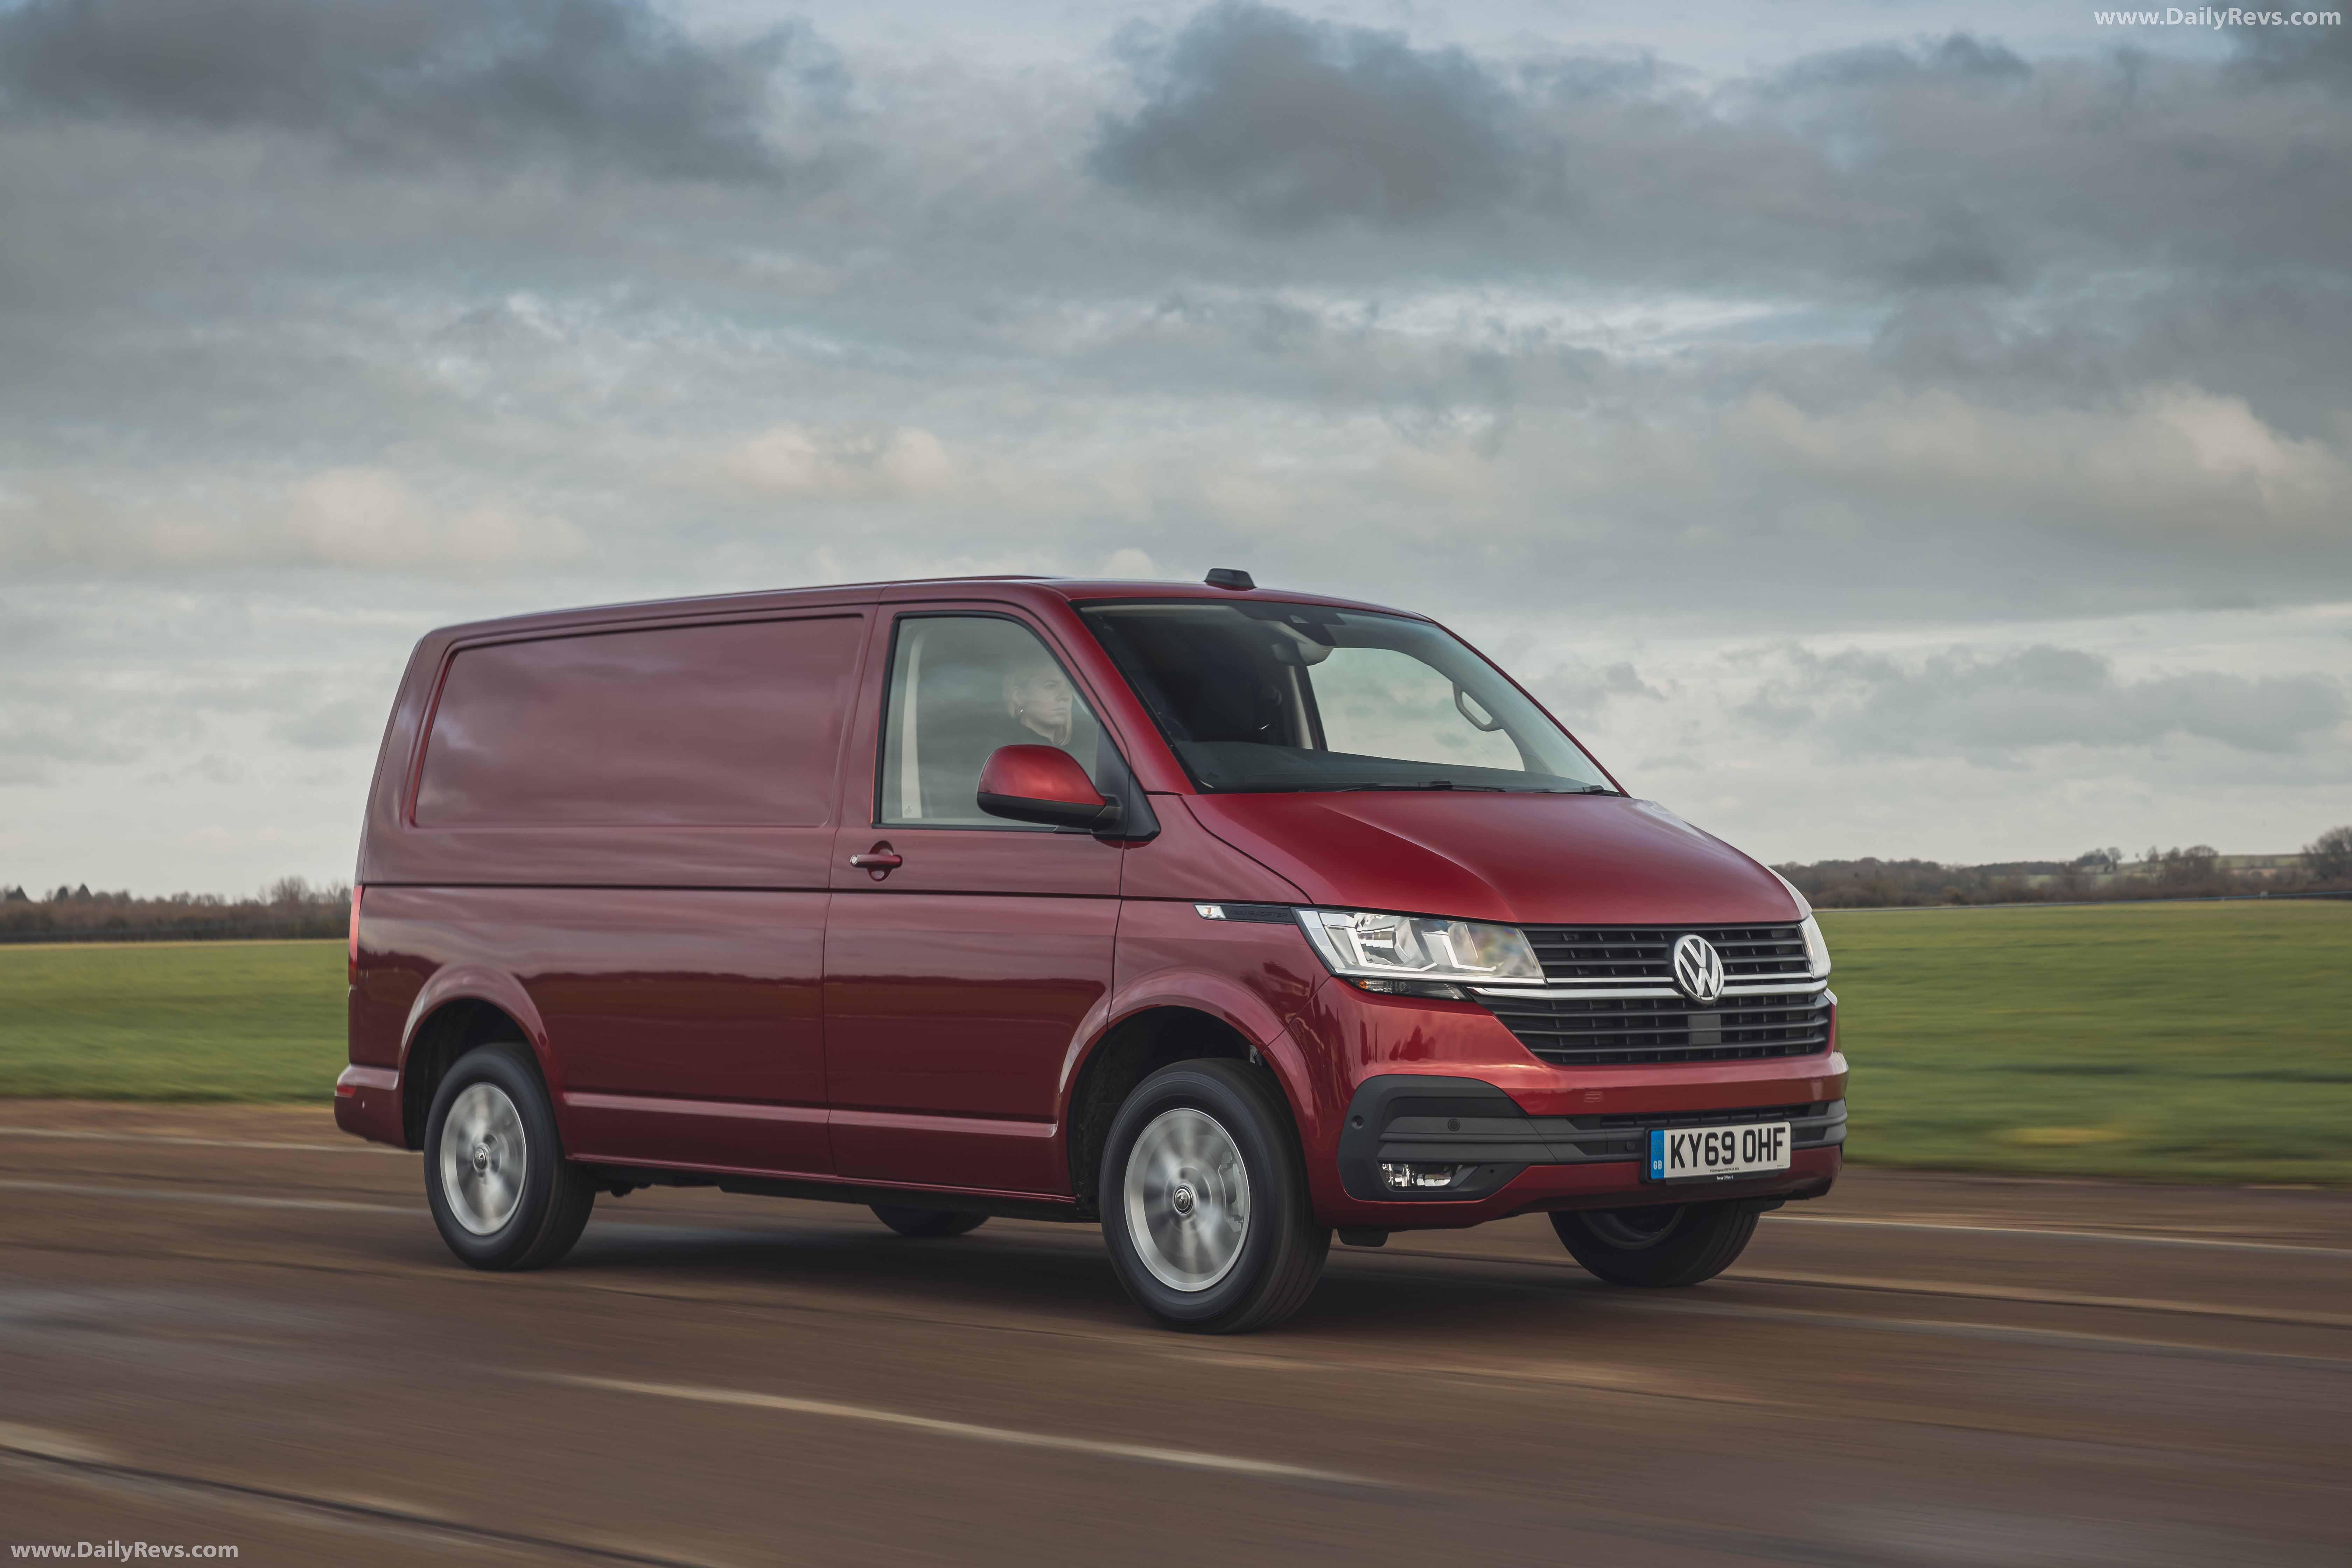 2020 Volkswagen Transporter 6.1 - HD Pictures, Videos ...